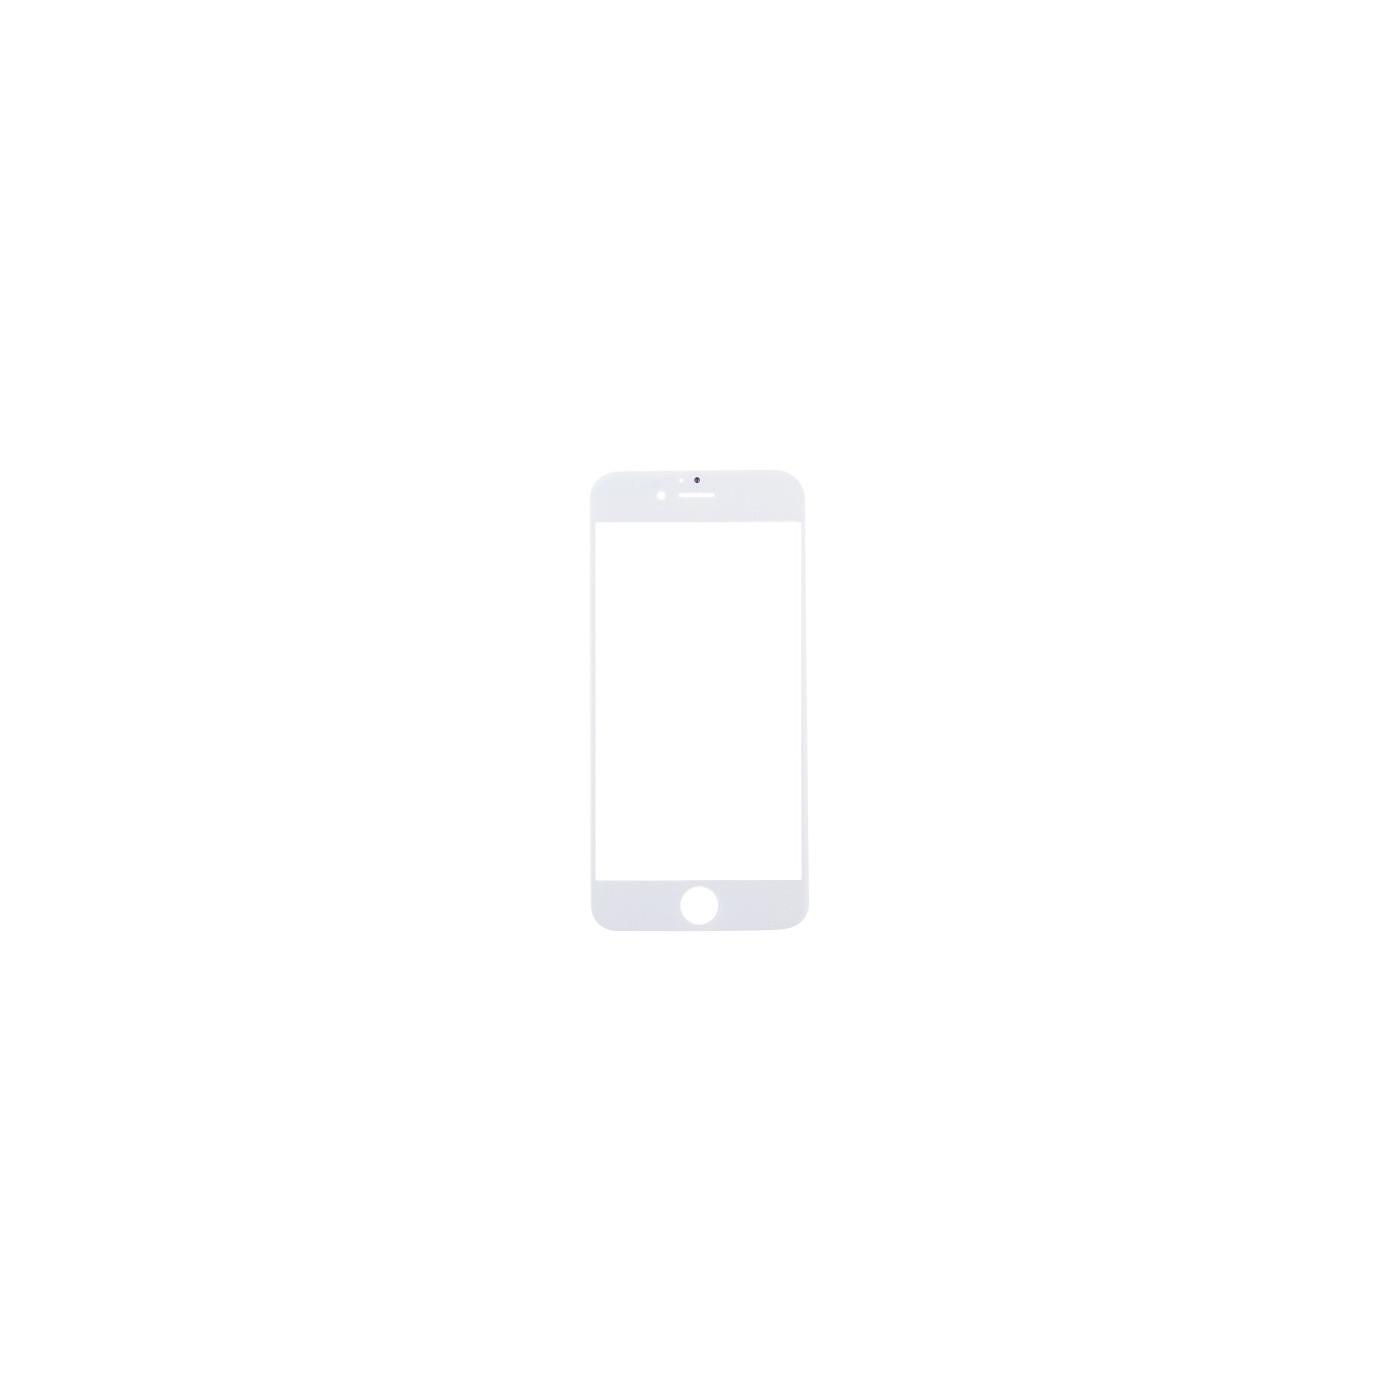 Vitre frontale en verre pour apple iphone 7 Ecran tactile blanc